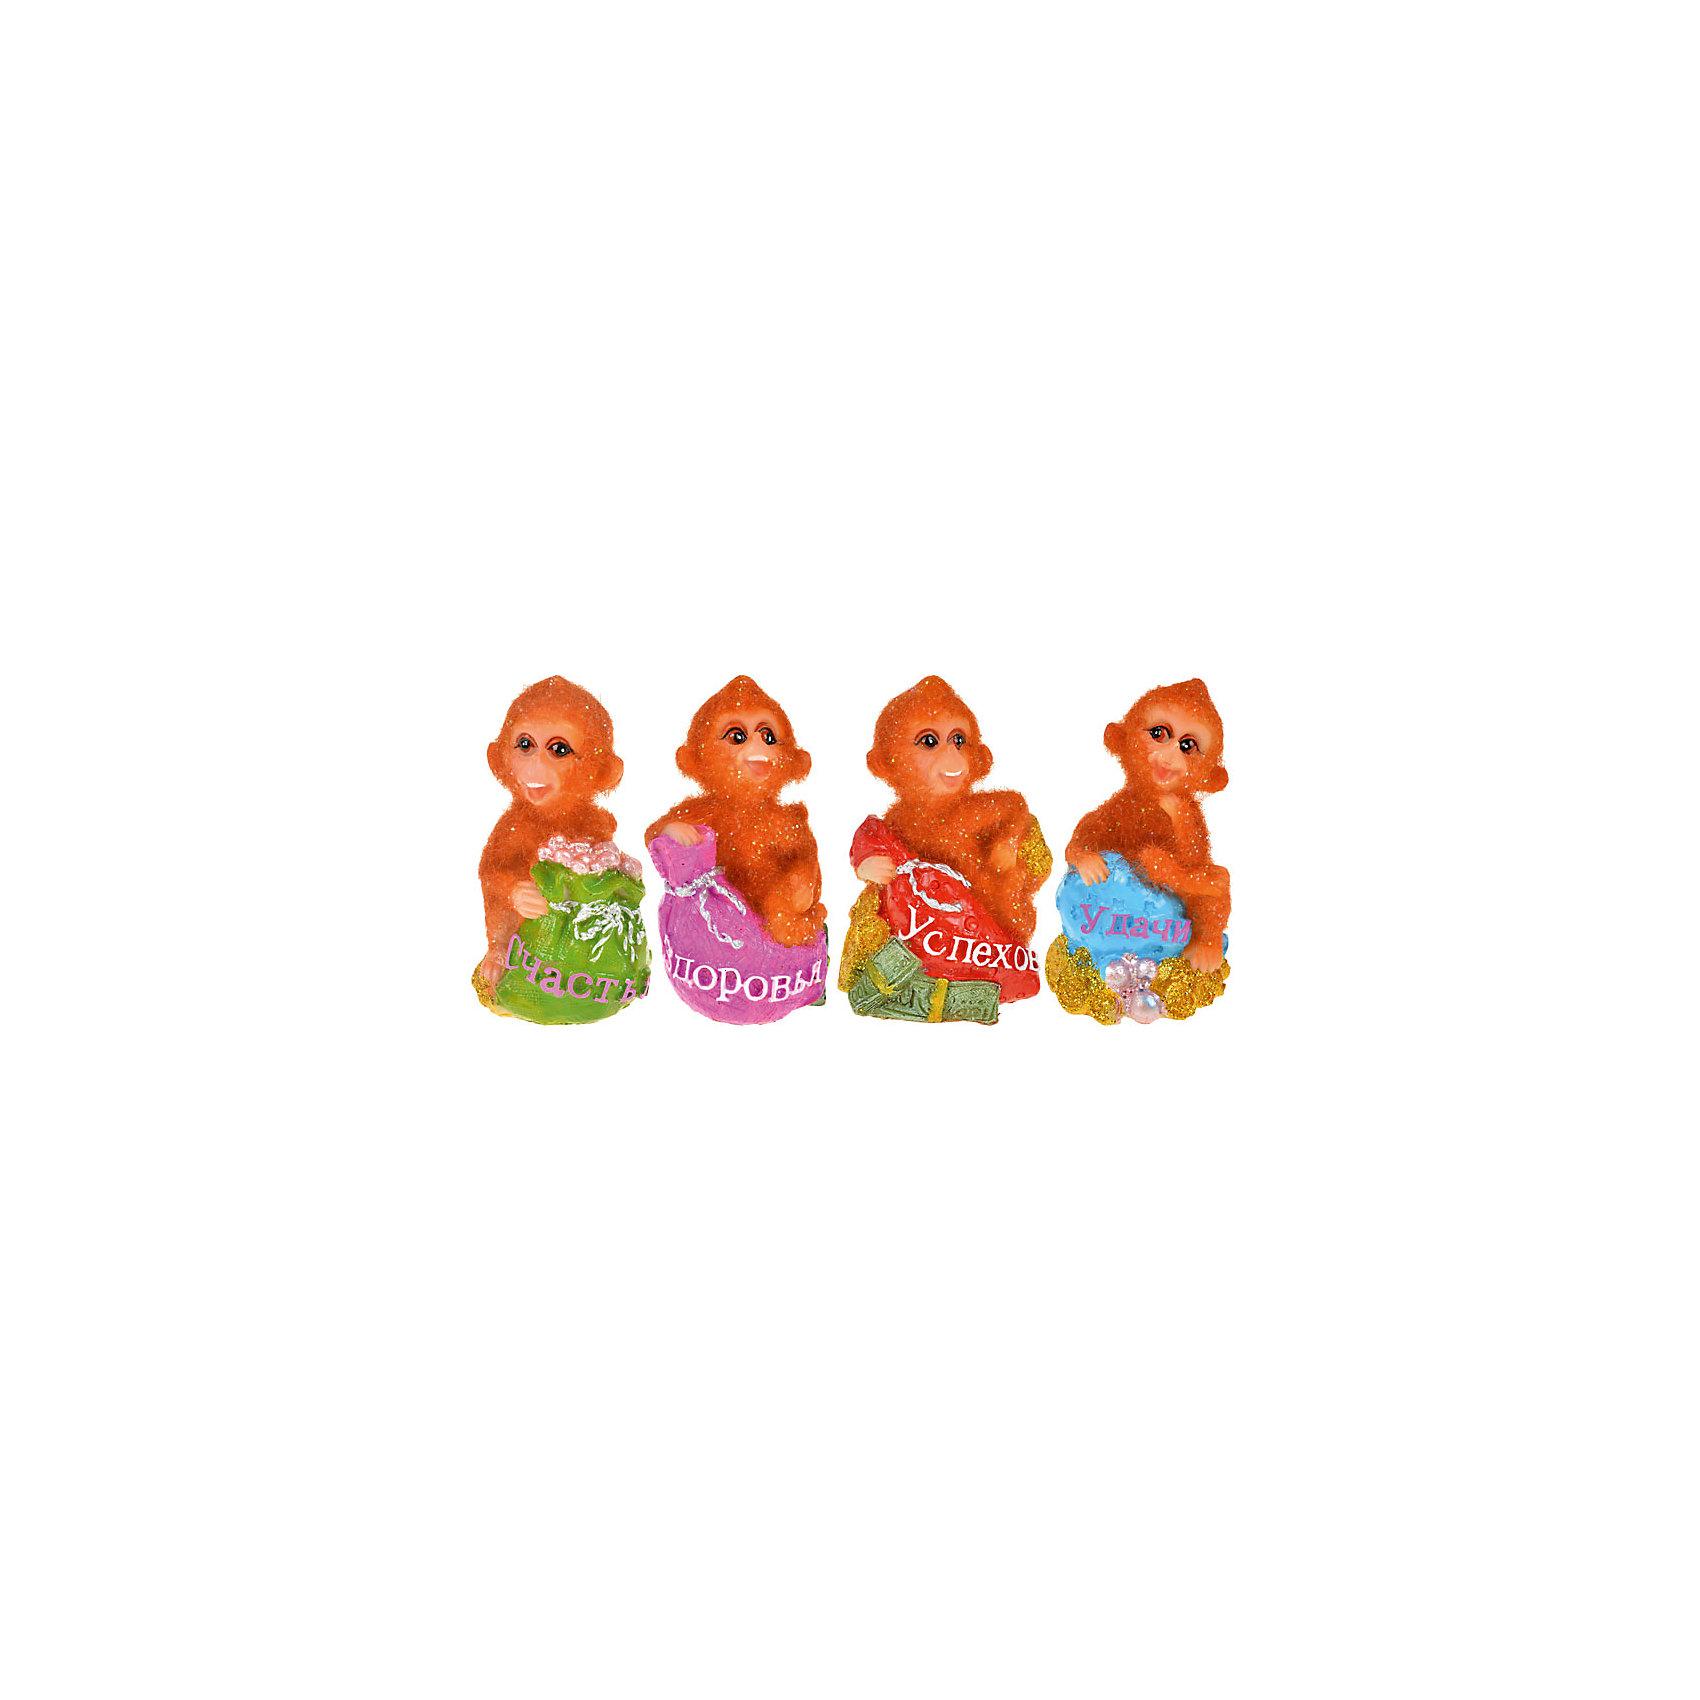 Декоративная статуэтка Обезьянка пушистаяНовинки Новый Год<br>Декоративная статуэтка Обезьянка пушистая – эта фигурка украсит интерьер и создаст праздничное настроение!<br>Фигурка в виде забавной обезьянки будет отличным презентом в преддверии Нового 2016 года, а также милым аксессуаром в праздничном интерьере. Обезьяна изготовлена из полистоуна. Ее шерсть сделана из искусственного меха, поэтому животное выглядит пушистым.<br><br>Дополнительная информация:<br><br>- Материал: полистоун, мех<br>- Размер упаковки: 4,5 х 4 х 5 см.<br>- Вес: 50 гр.<br><br>Декоративную статуэтку Обезьянка пушистая можно купить в нашем интернет-магазине.<br><br>Ширина мм: 45<br>Глубина мм: 40<br>Высота мм: 50<br>Вес г: 50<br>Возраст от месяцев: 36<br>Возраст до месяцев: 1188<br>Пол: Унисекс<br>Возраст: Детский<br>SKU: 4262259